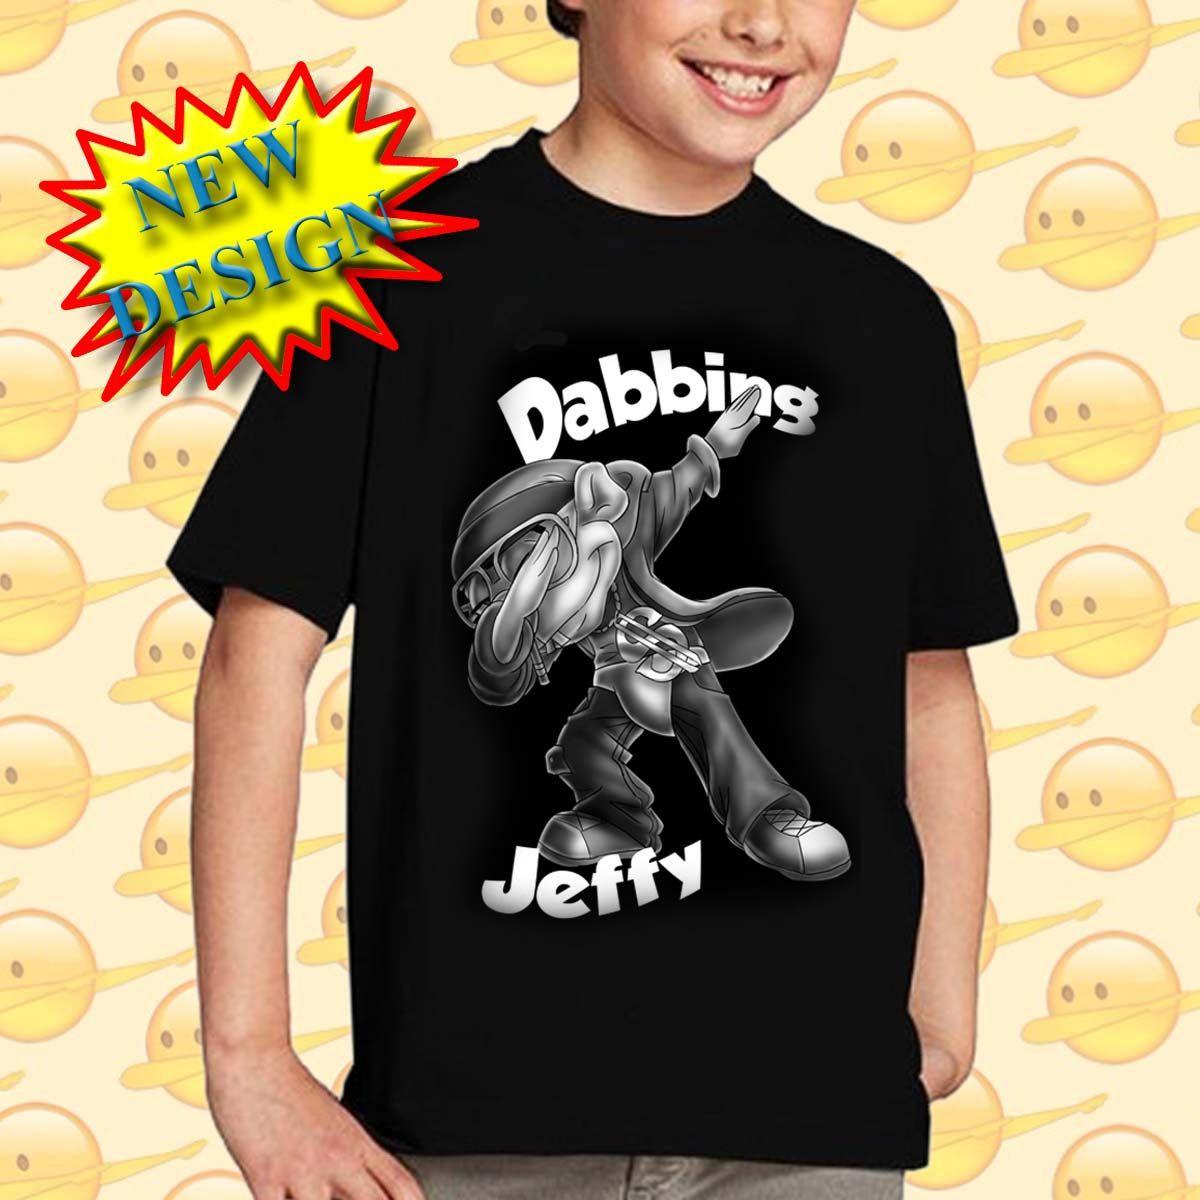 17e5b1243fa1 Dabbing Jeffy - SML T-Shirt - Black Jeffy T-shirts - Silk Screened Jeffy T- Shirt - Jeffy fan gift by RainbowUnicornsShop on Etsy